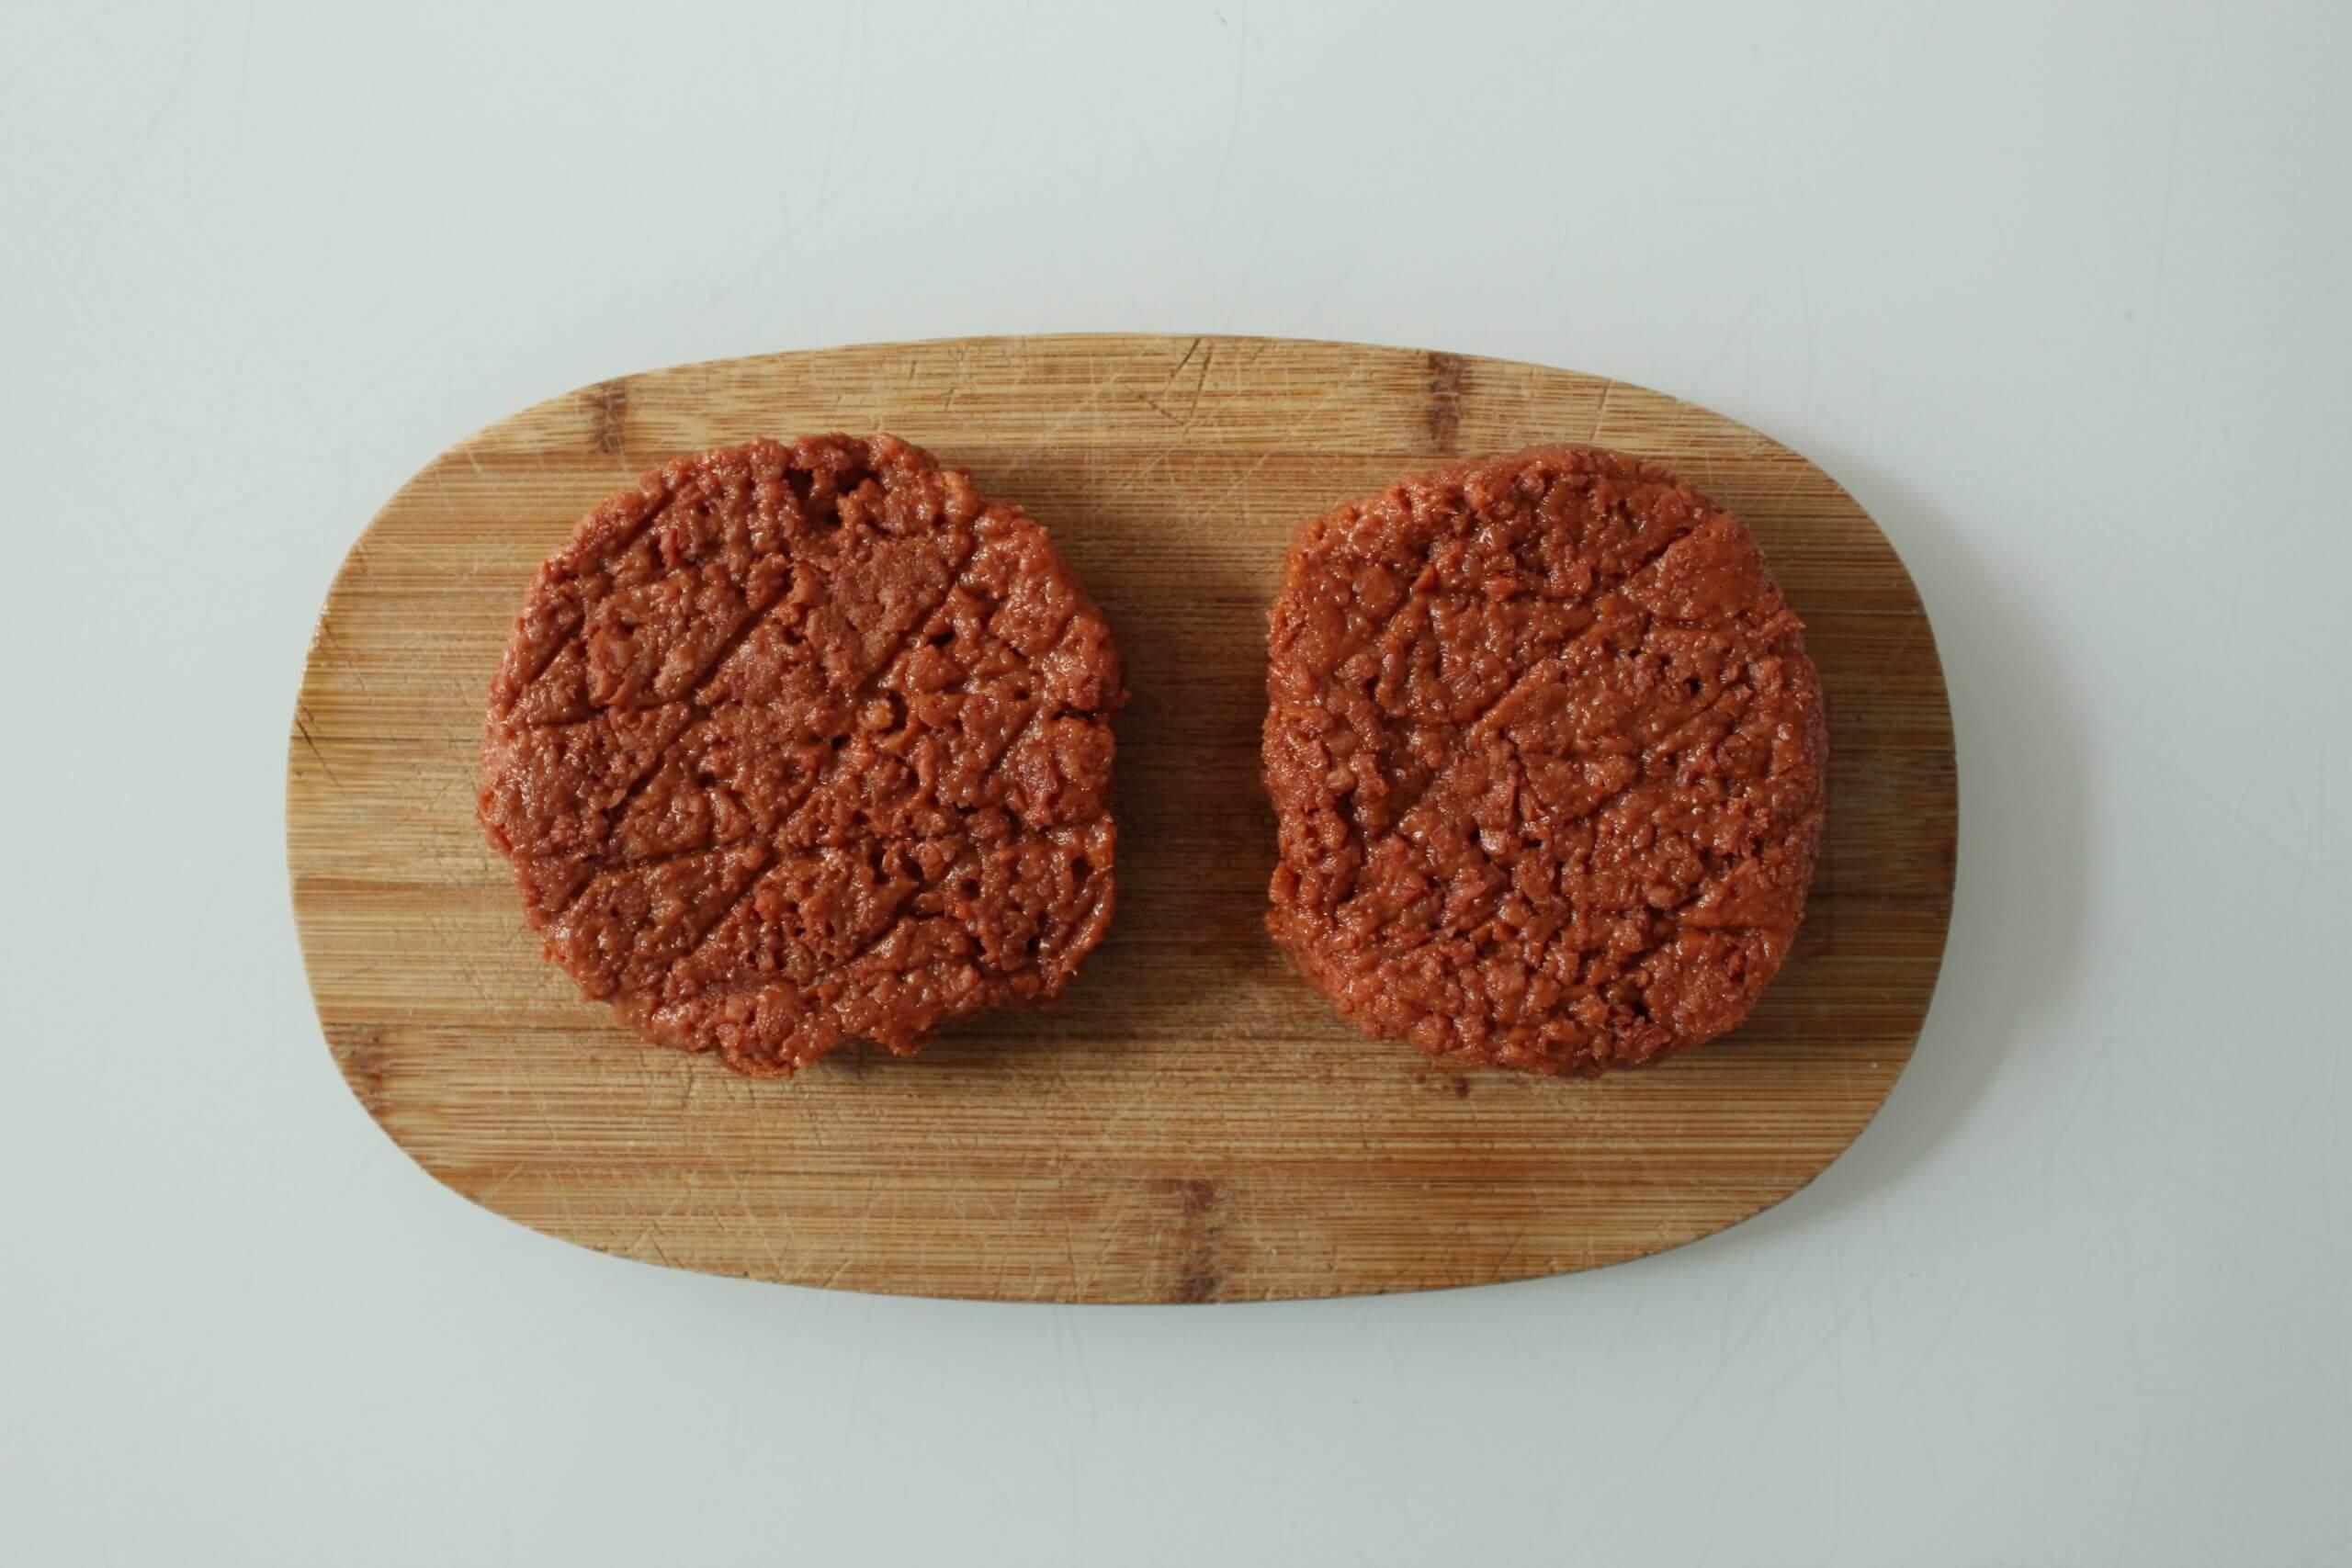 Vleesvervanger getest: Vegetarische hamburger van Plus